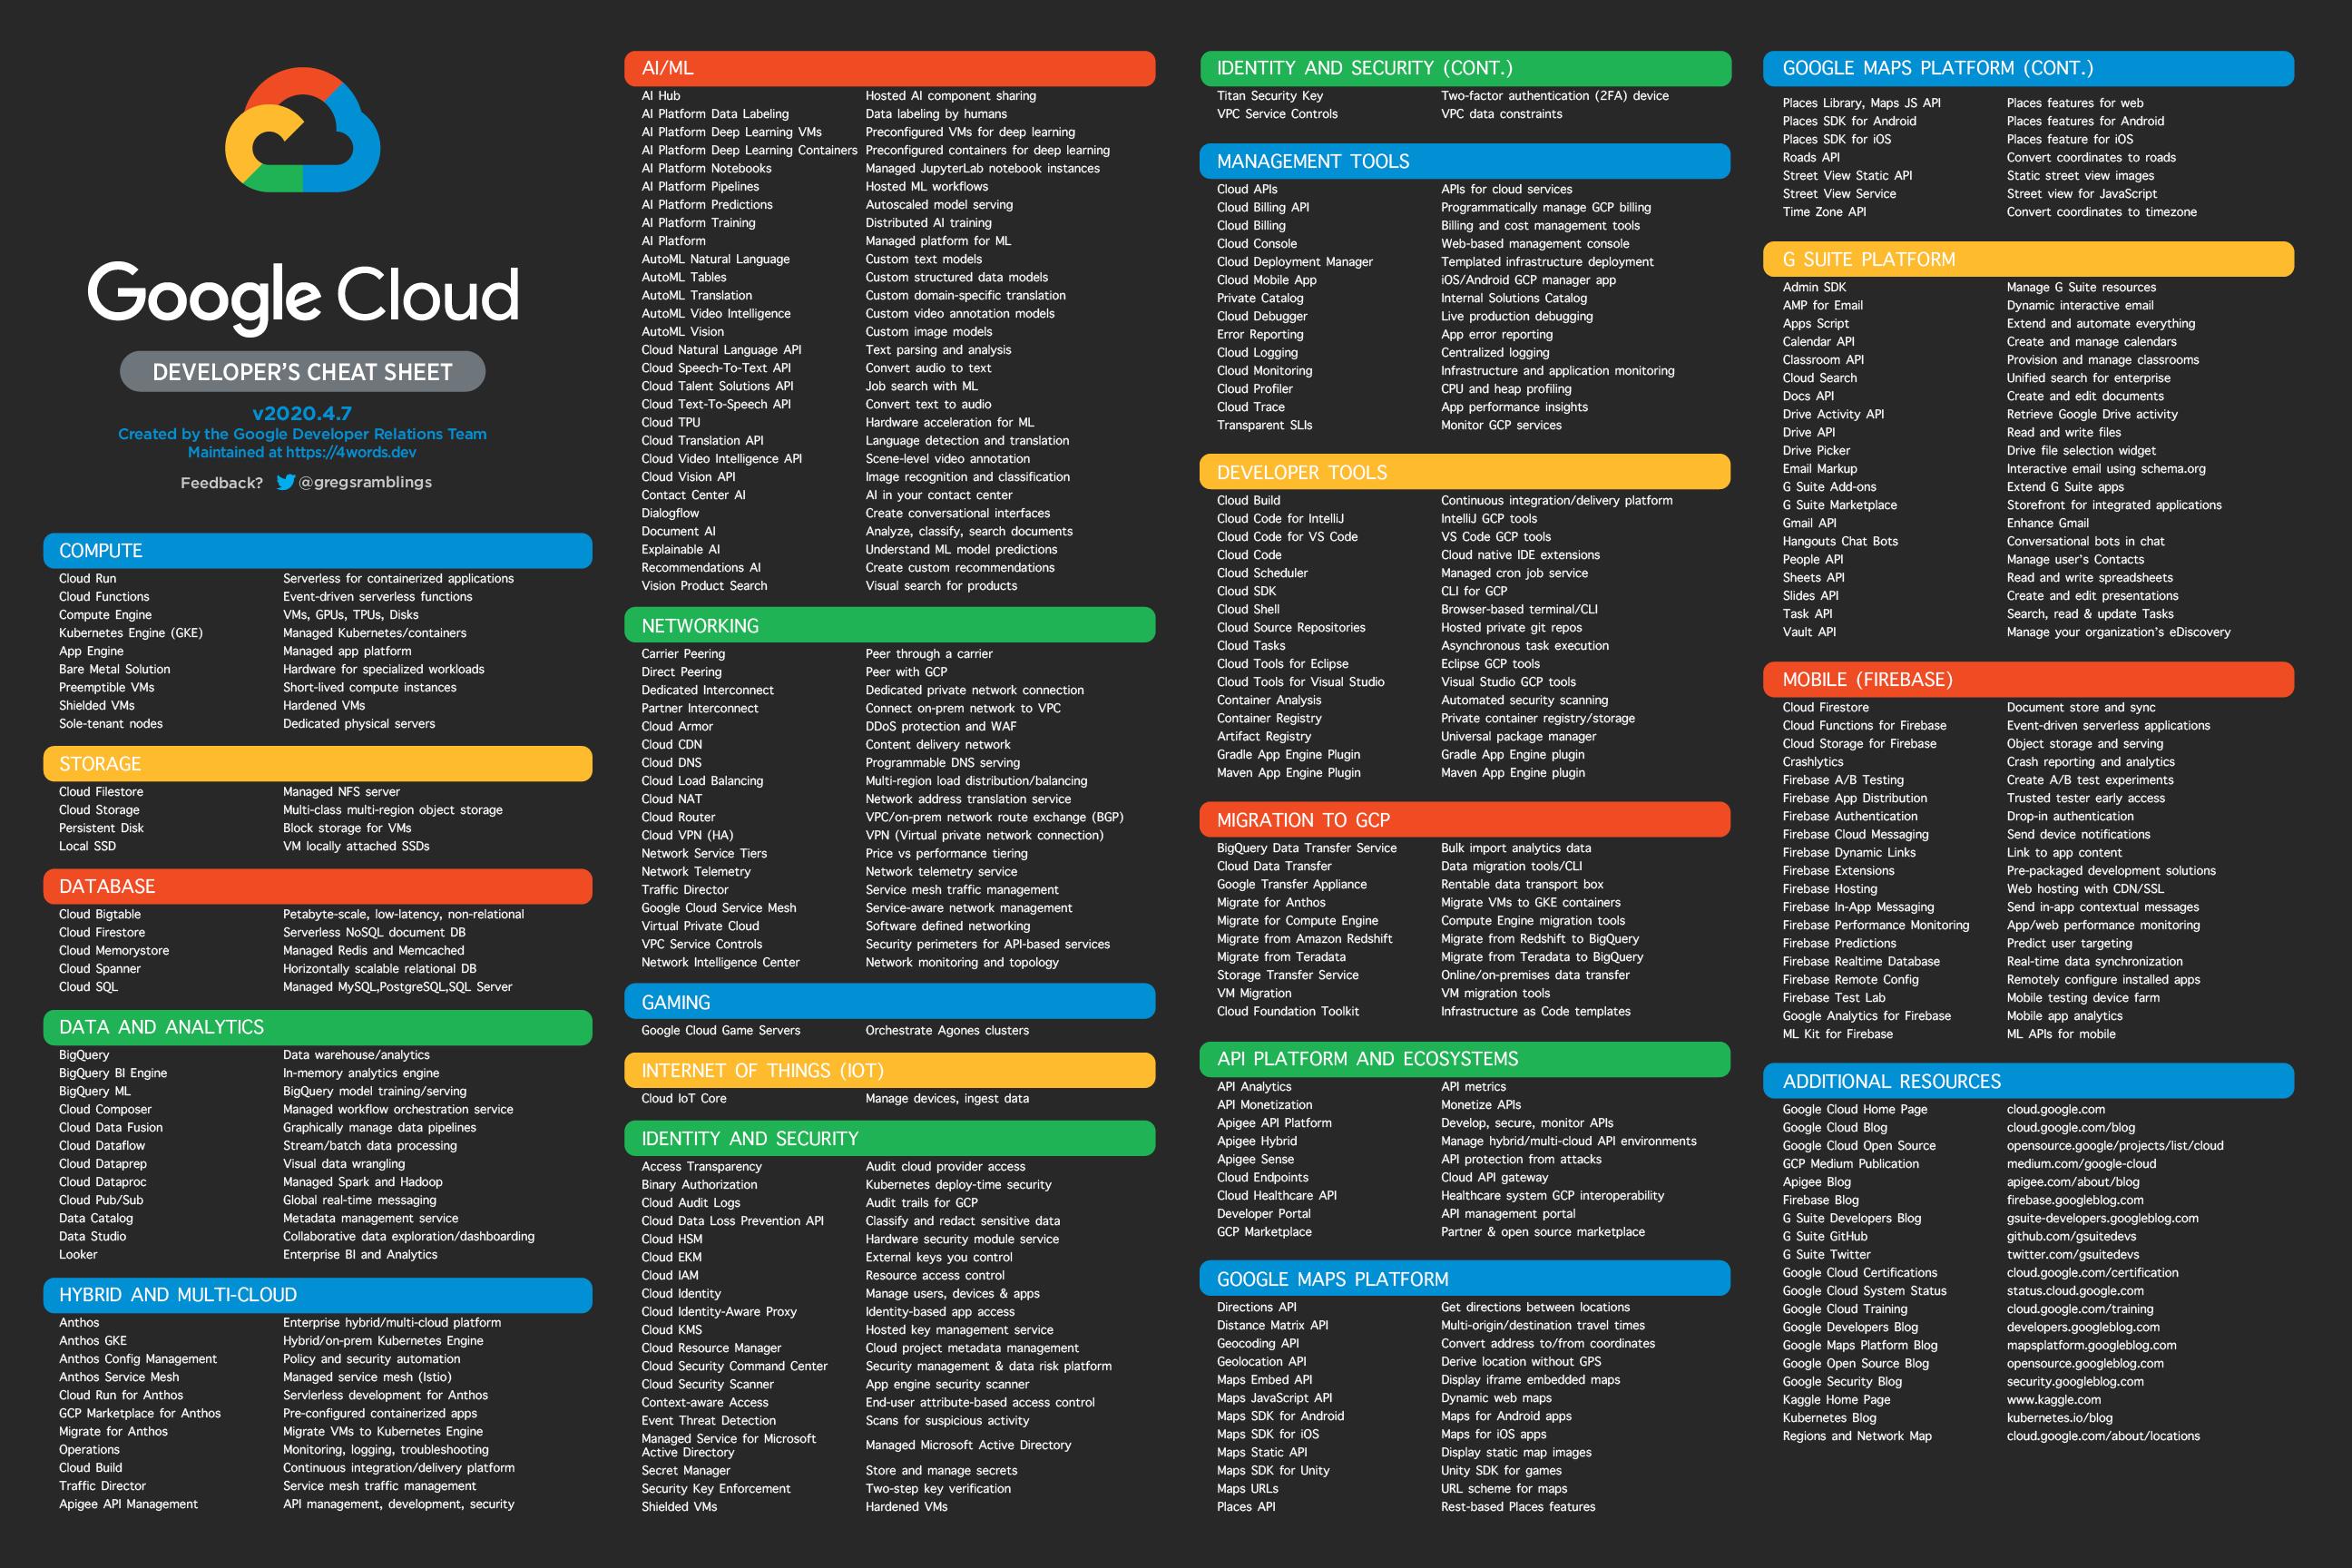 Google Cloud Developer's Cheat Sheet - myTechMint